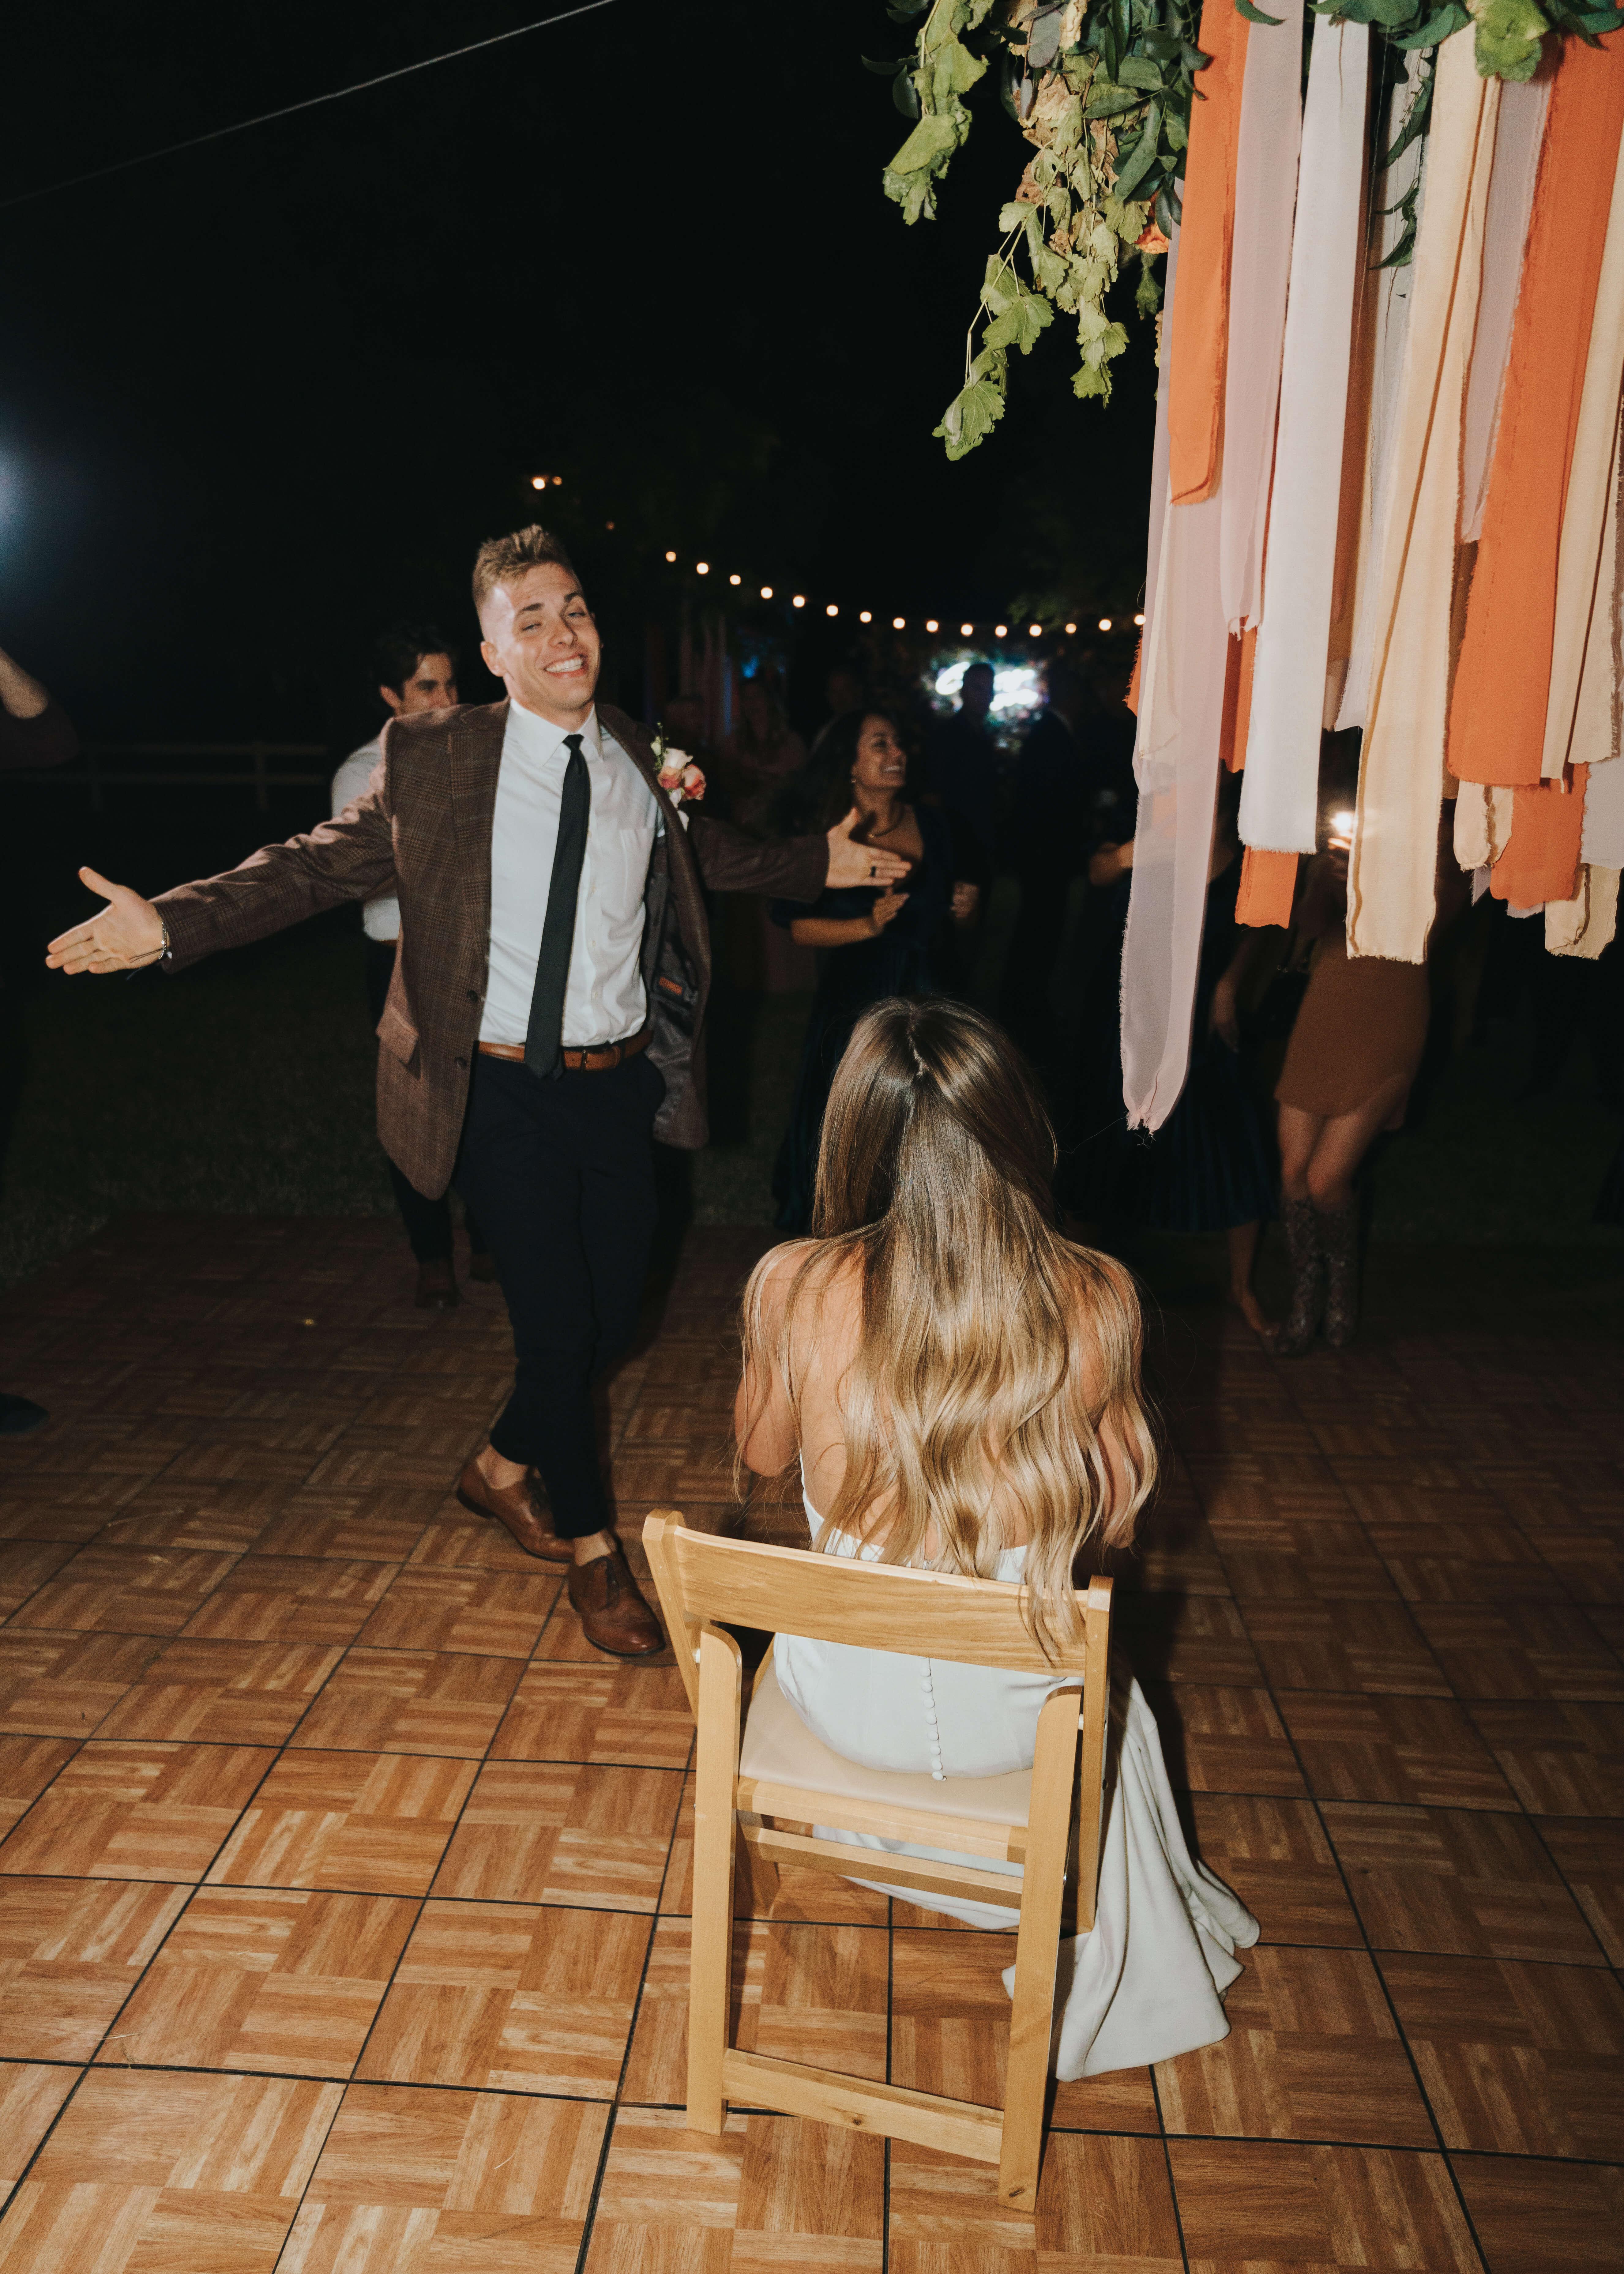 groom being cute photo